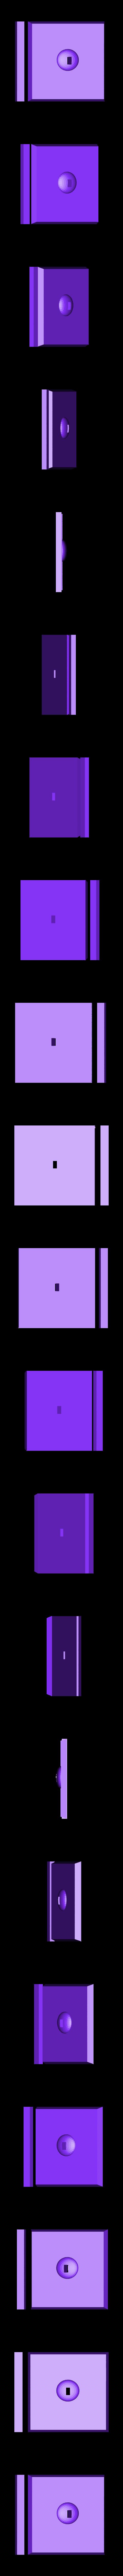 base.stl Télécharger fichier STL gratuit GyroBomber nain • Objet imprimable en 3D, mrhers2